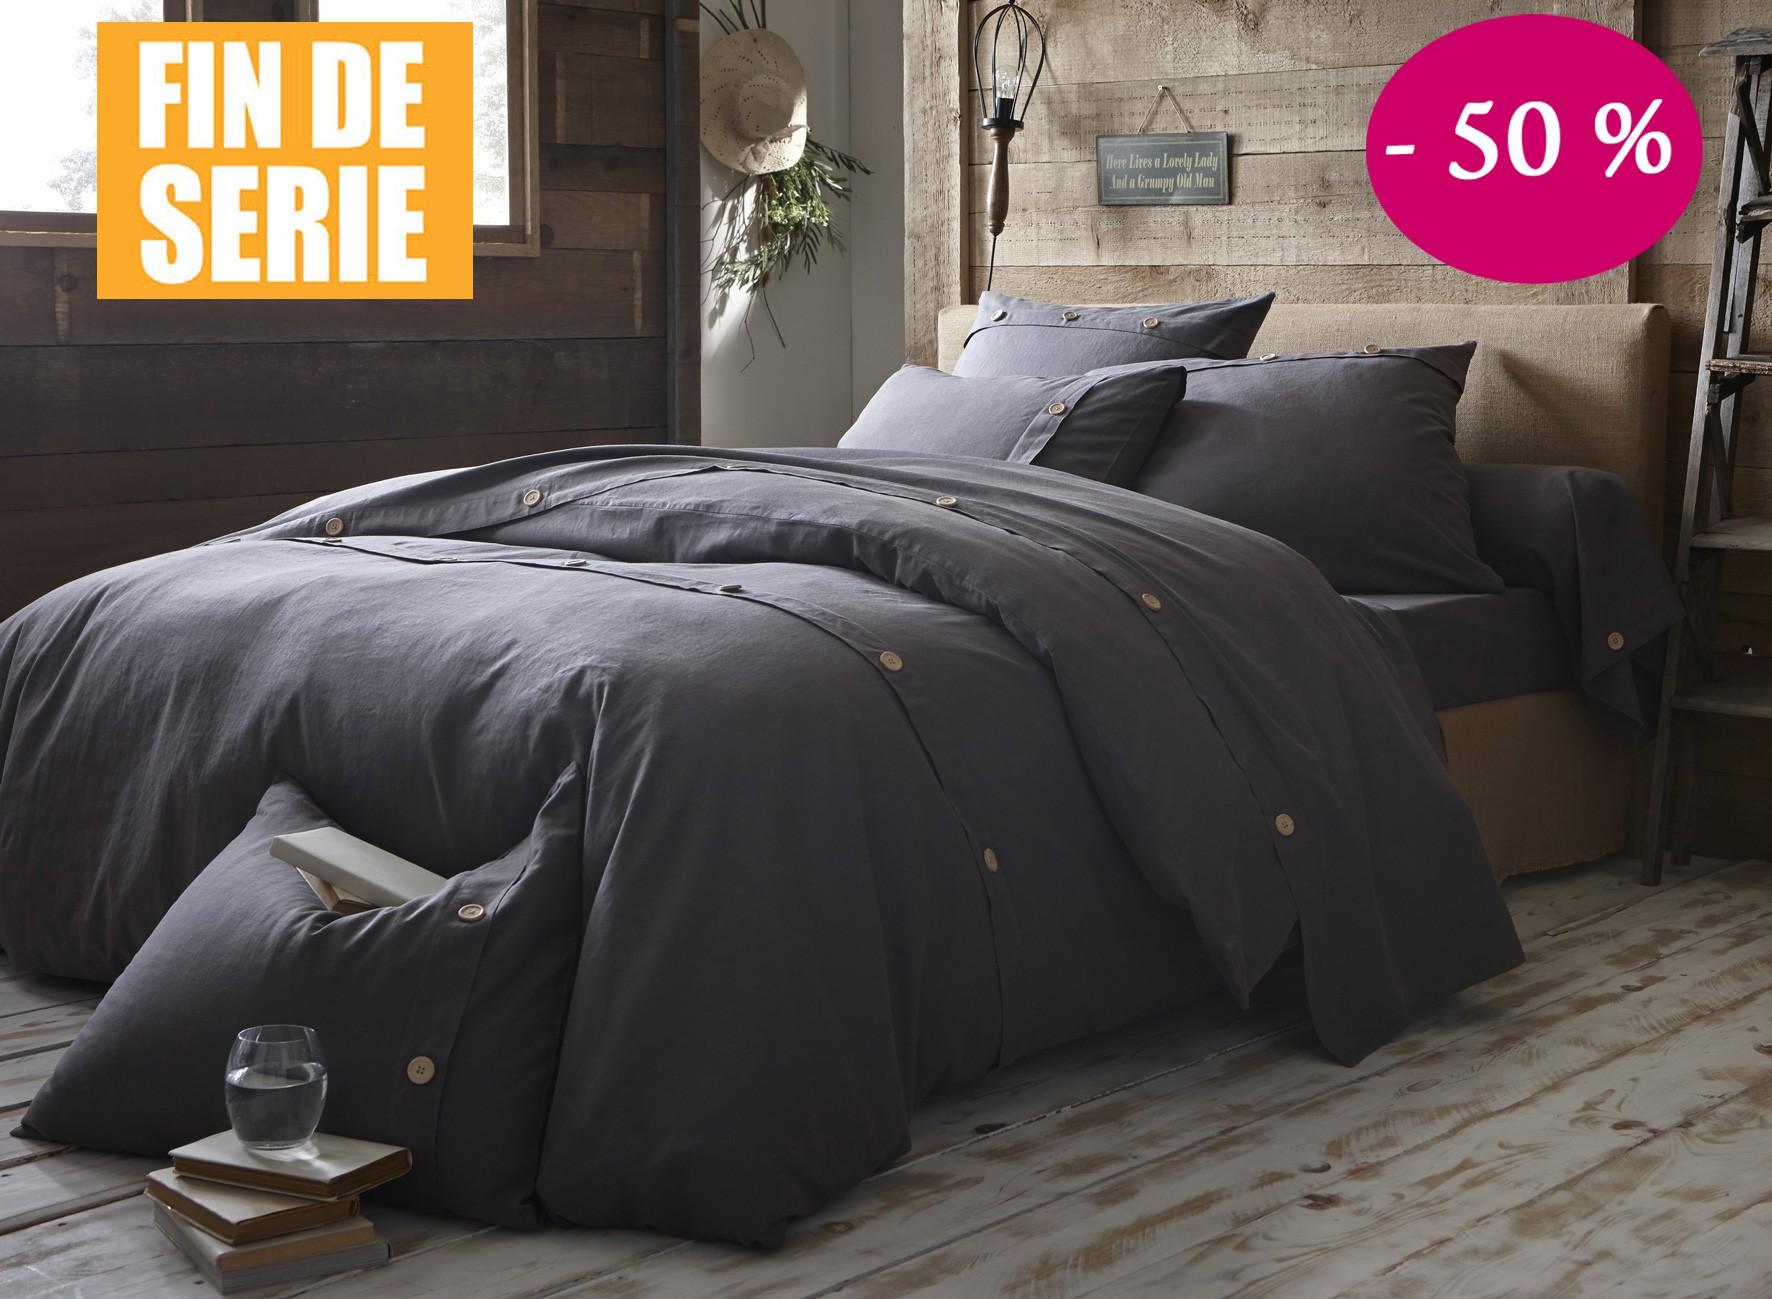 55 % Lin Français 45 % Coton